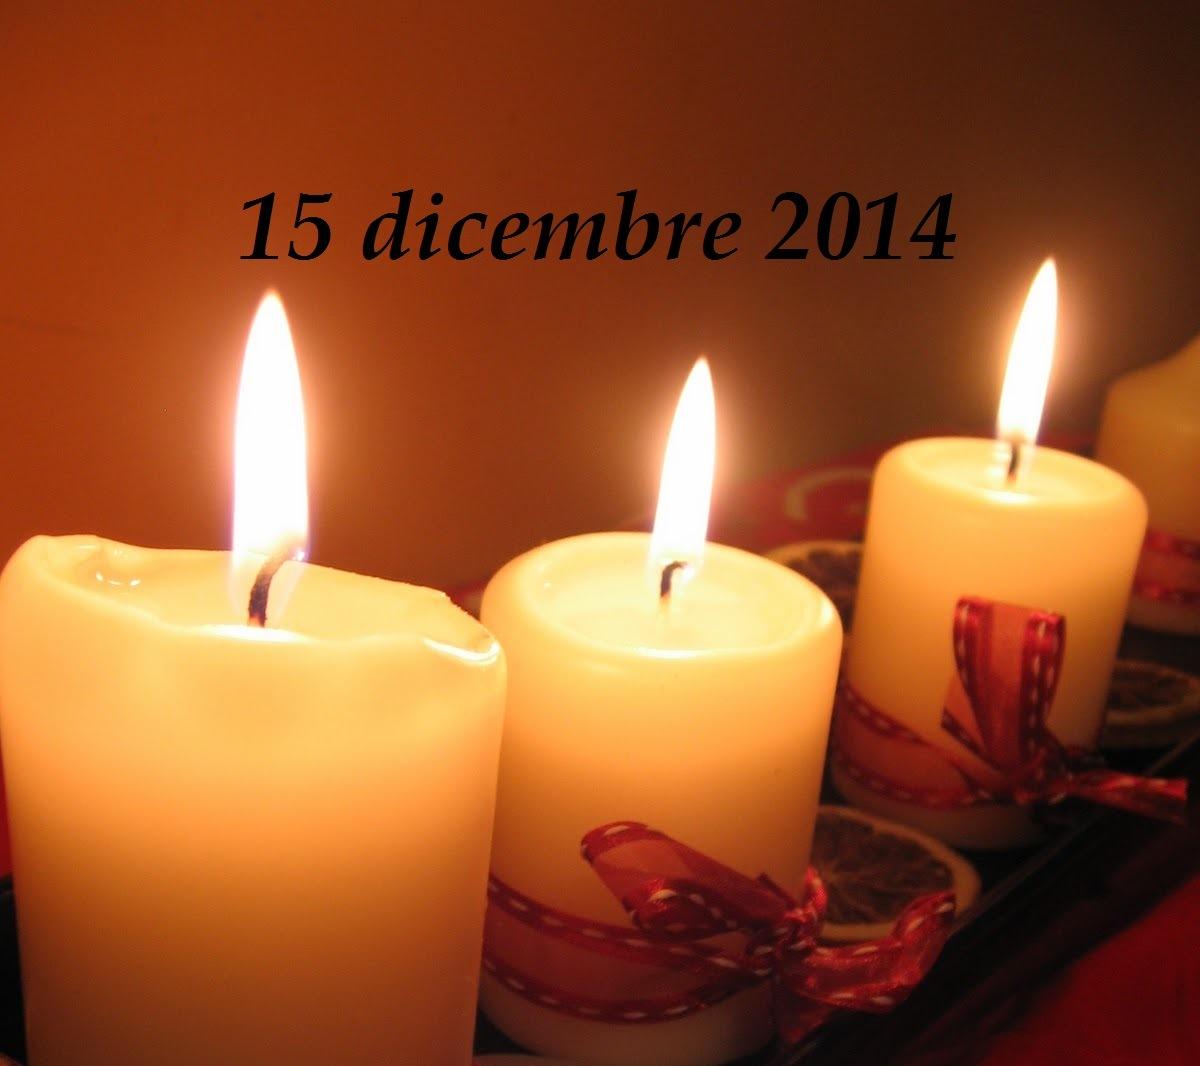 Cammino d'Avvento – 15 dicembre: Vieni, Gesù Maestro, insegna e regna!